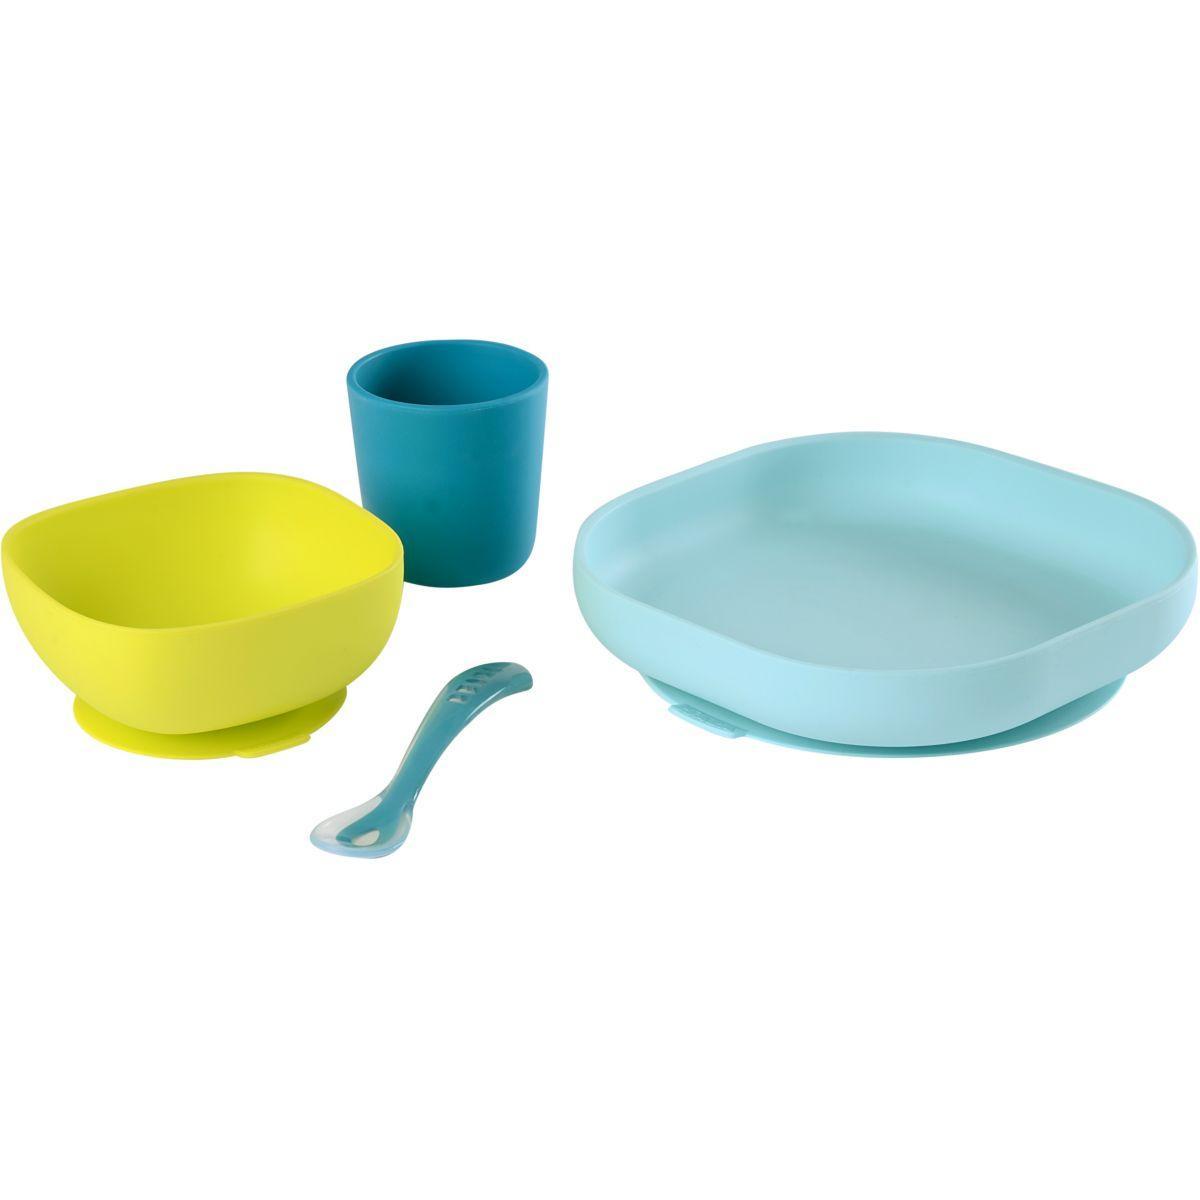 Accessoire pu�riculture beaba 913428 4pi�ces vaisselle silicone bleu - livraison offerte : code livprem (photo)